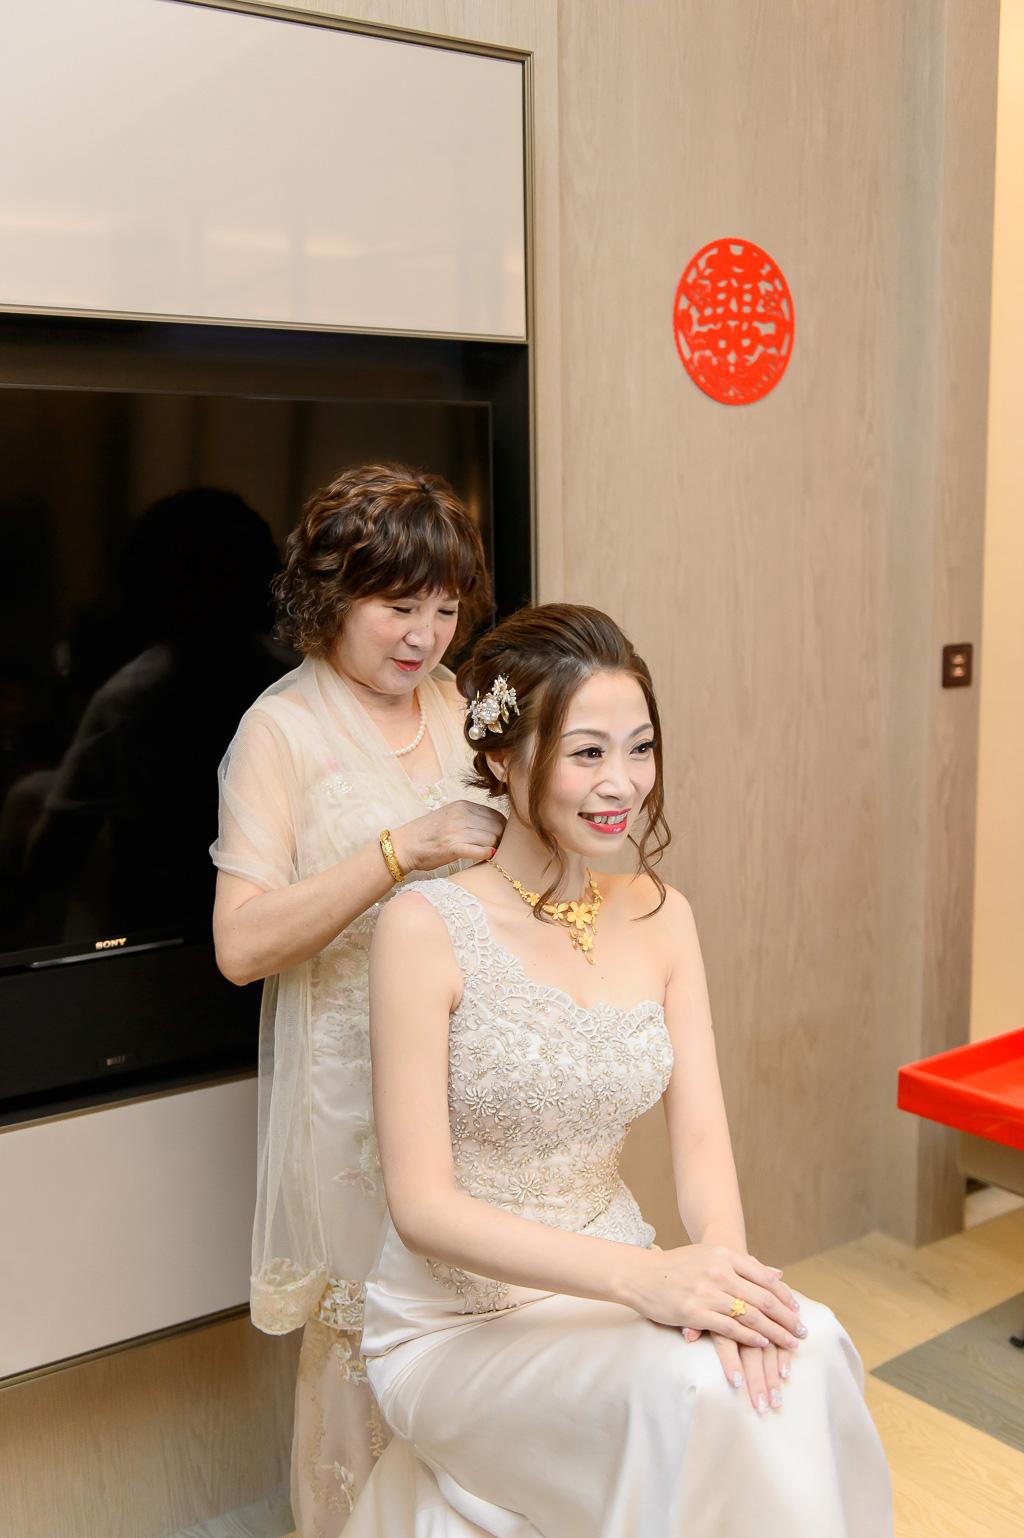 婚攝小勇,小寶團隊, 單眼皮新秘小琁, 自助婚紗, 婚禮紀錄, 和璞,台北婚紗,wedding day-021